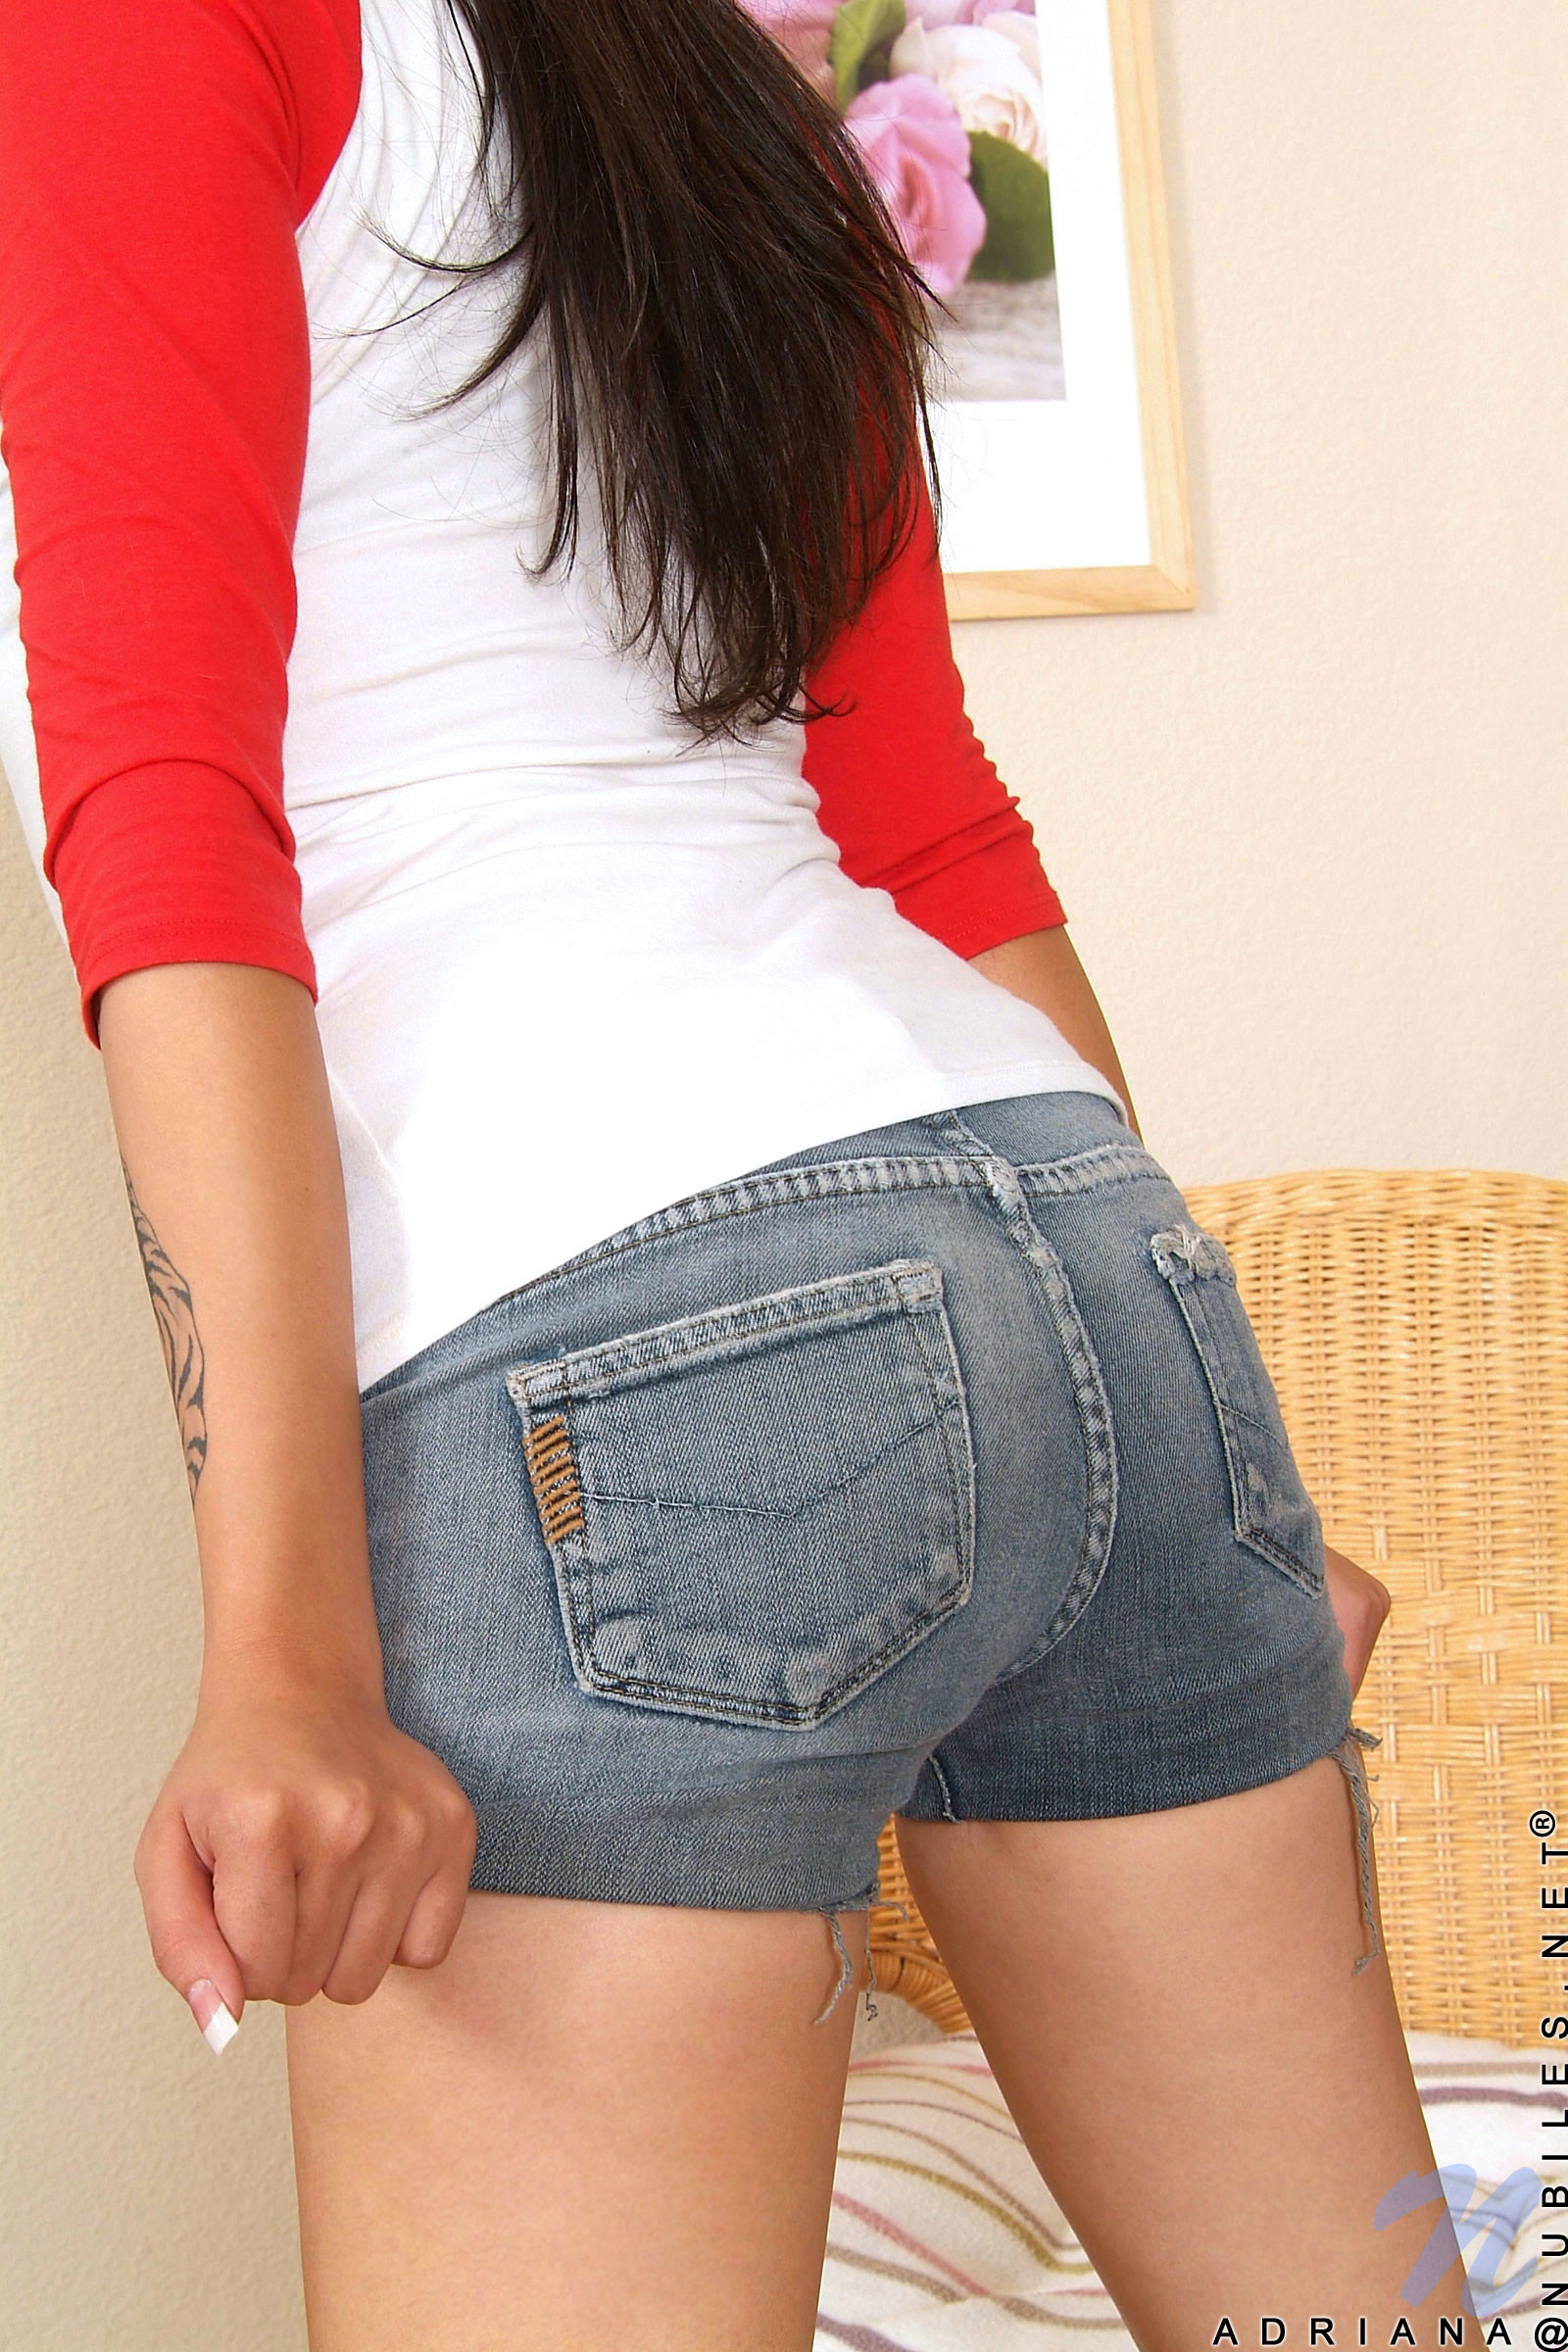 Порно фото девушки в коротких шортиках крупным планом